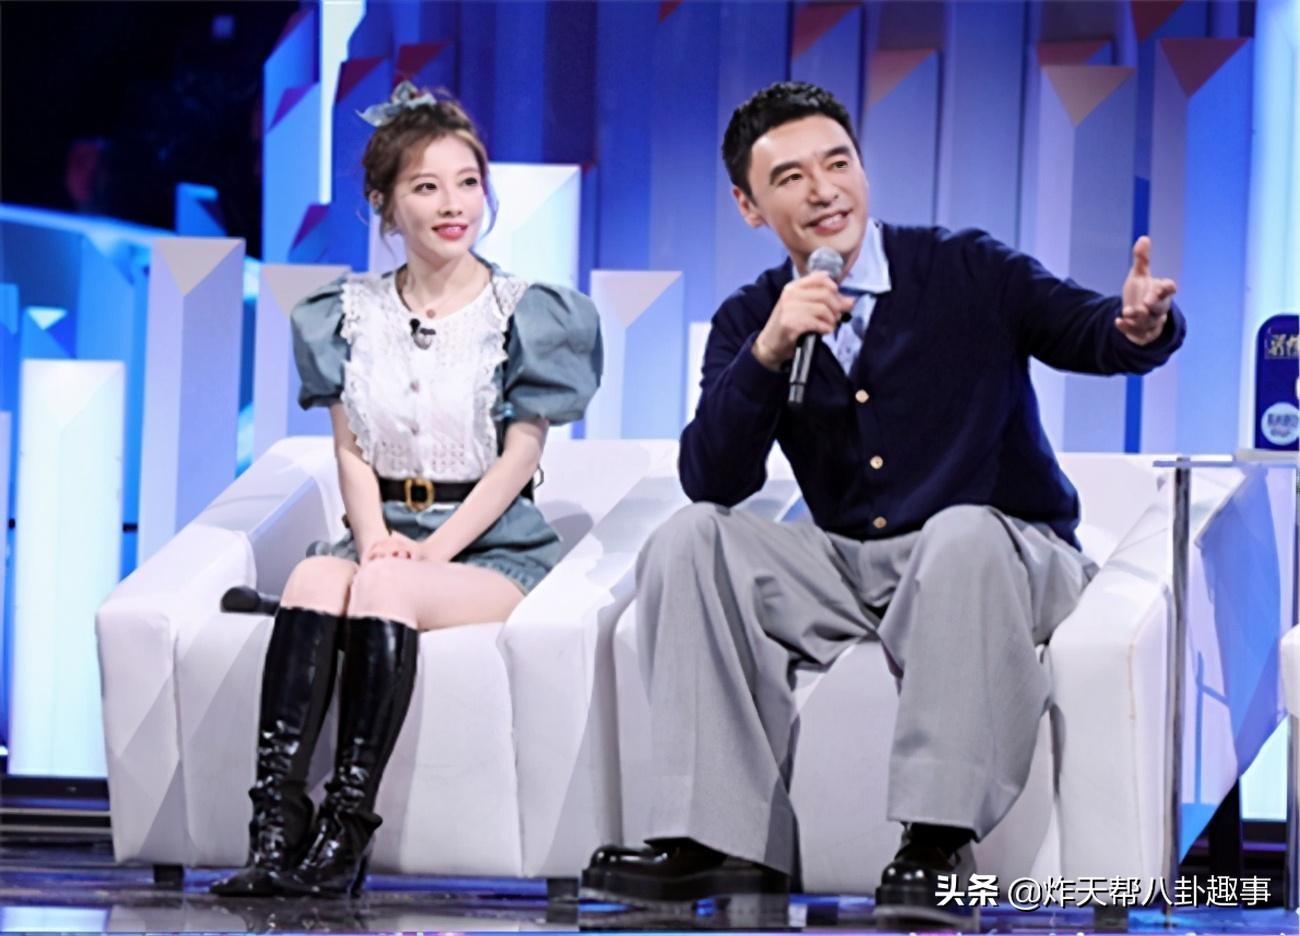 斗鱼前一姐冯提莫综艺不断,与张碧晨同台演绎,神仙合唱上热搜